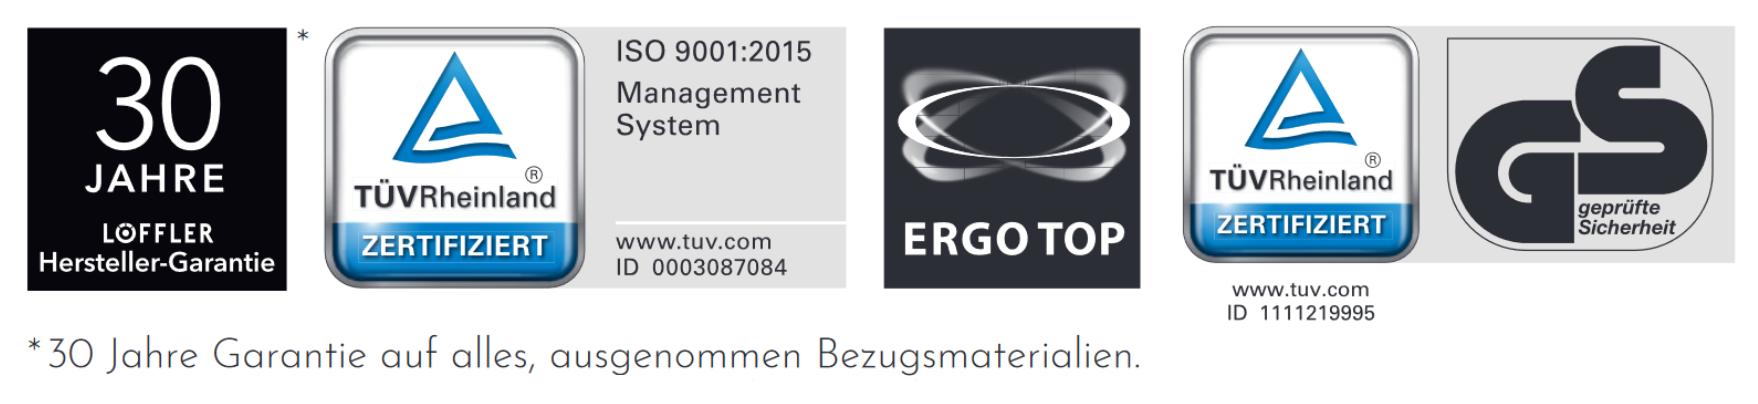 art-office-shop-loeffler-figo-19-zertifizierung